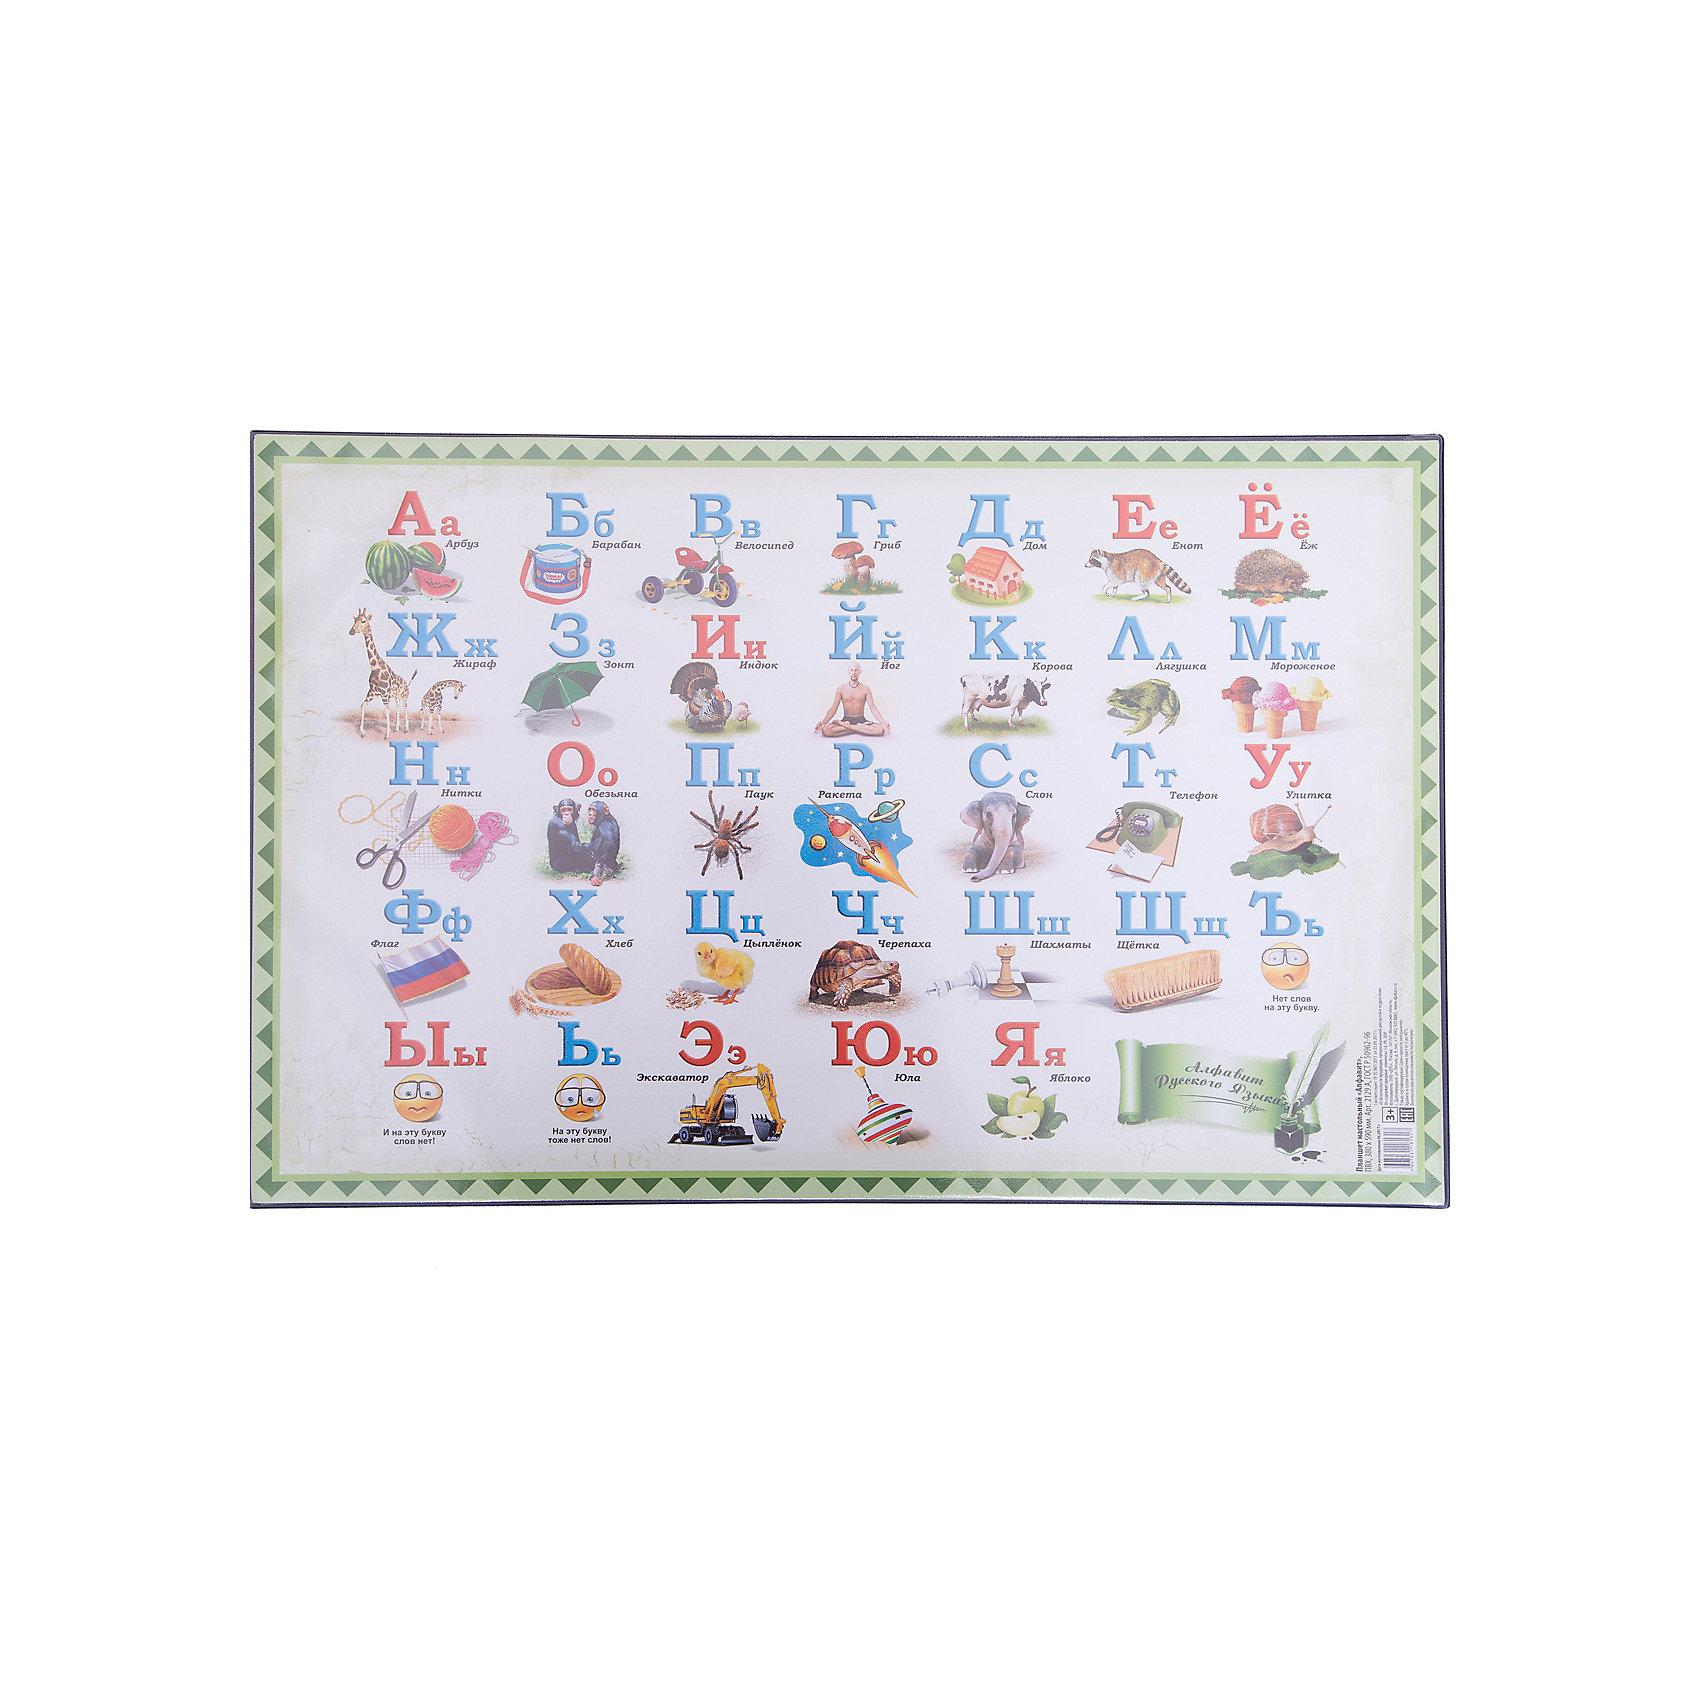 Настольный коврик-подкладка для письма с русским алфавитомНастольное покрытие для письма придает столу аккуратный вид. Обеспечивает удобство при письме. Является хорошей защитой для стола от разного рода повреждений. Цветная вкладка содержит русский алфавит с картинками.<br><br>Дополнительная информация:<br><br>- Материал: ПВХ.<br>- Размер: 38х59 см.<br>- Карта мира: на верхней поверхности.<br>- Размер упаковки: 38х58,3х0,1 см.<br>- Вес в упаковке: 470  г.<br><br>Настольный коврик-подкладку для письма с русским алфавитом, можно купить в нашем магазине.<br><br>Ширина мм: 380<br>Глубина мм: 583<br>Высота мм: 1<br>Вес г: 470<br>Возраст от месяцев: 72<br>Возраст до месяцев: 2147483647<br>Пол: Унисекс<br>Возраст: Детский<br>SKU: 4792685